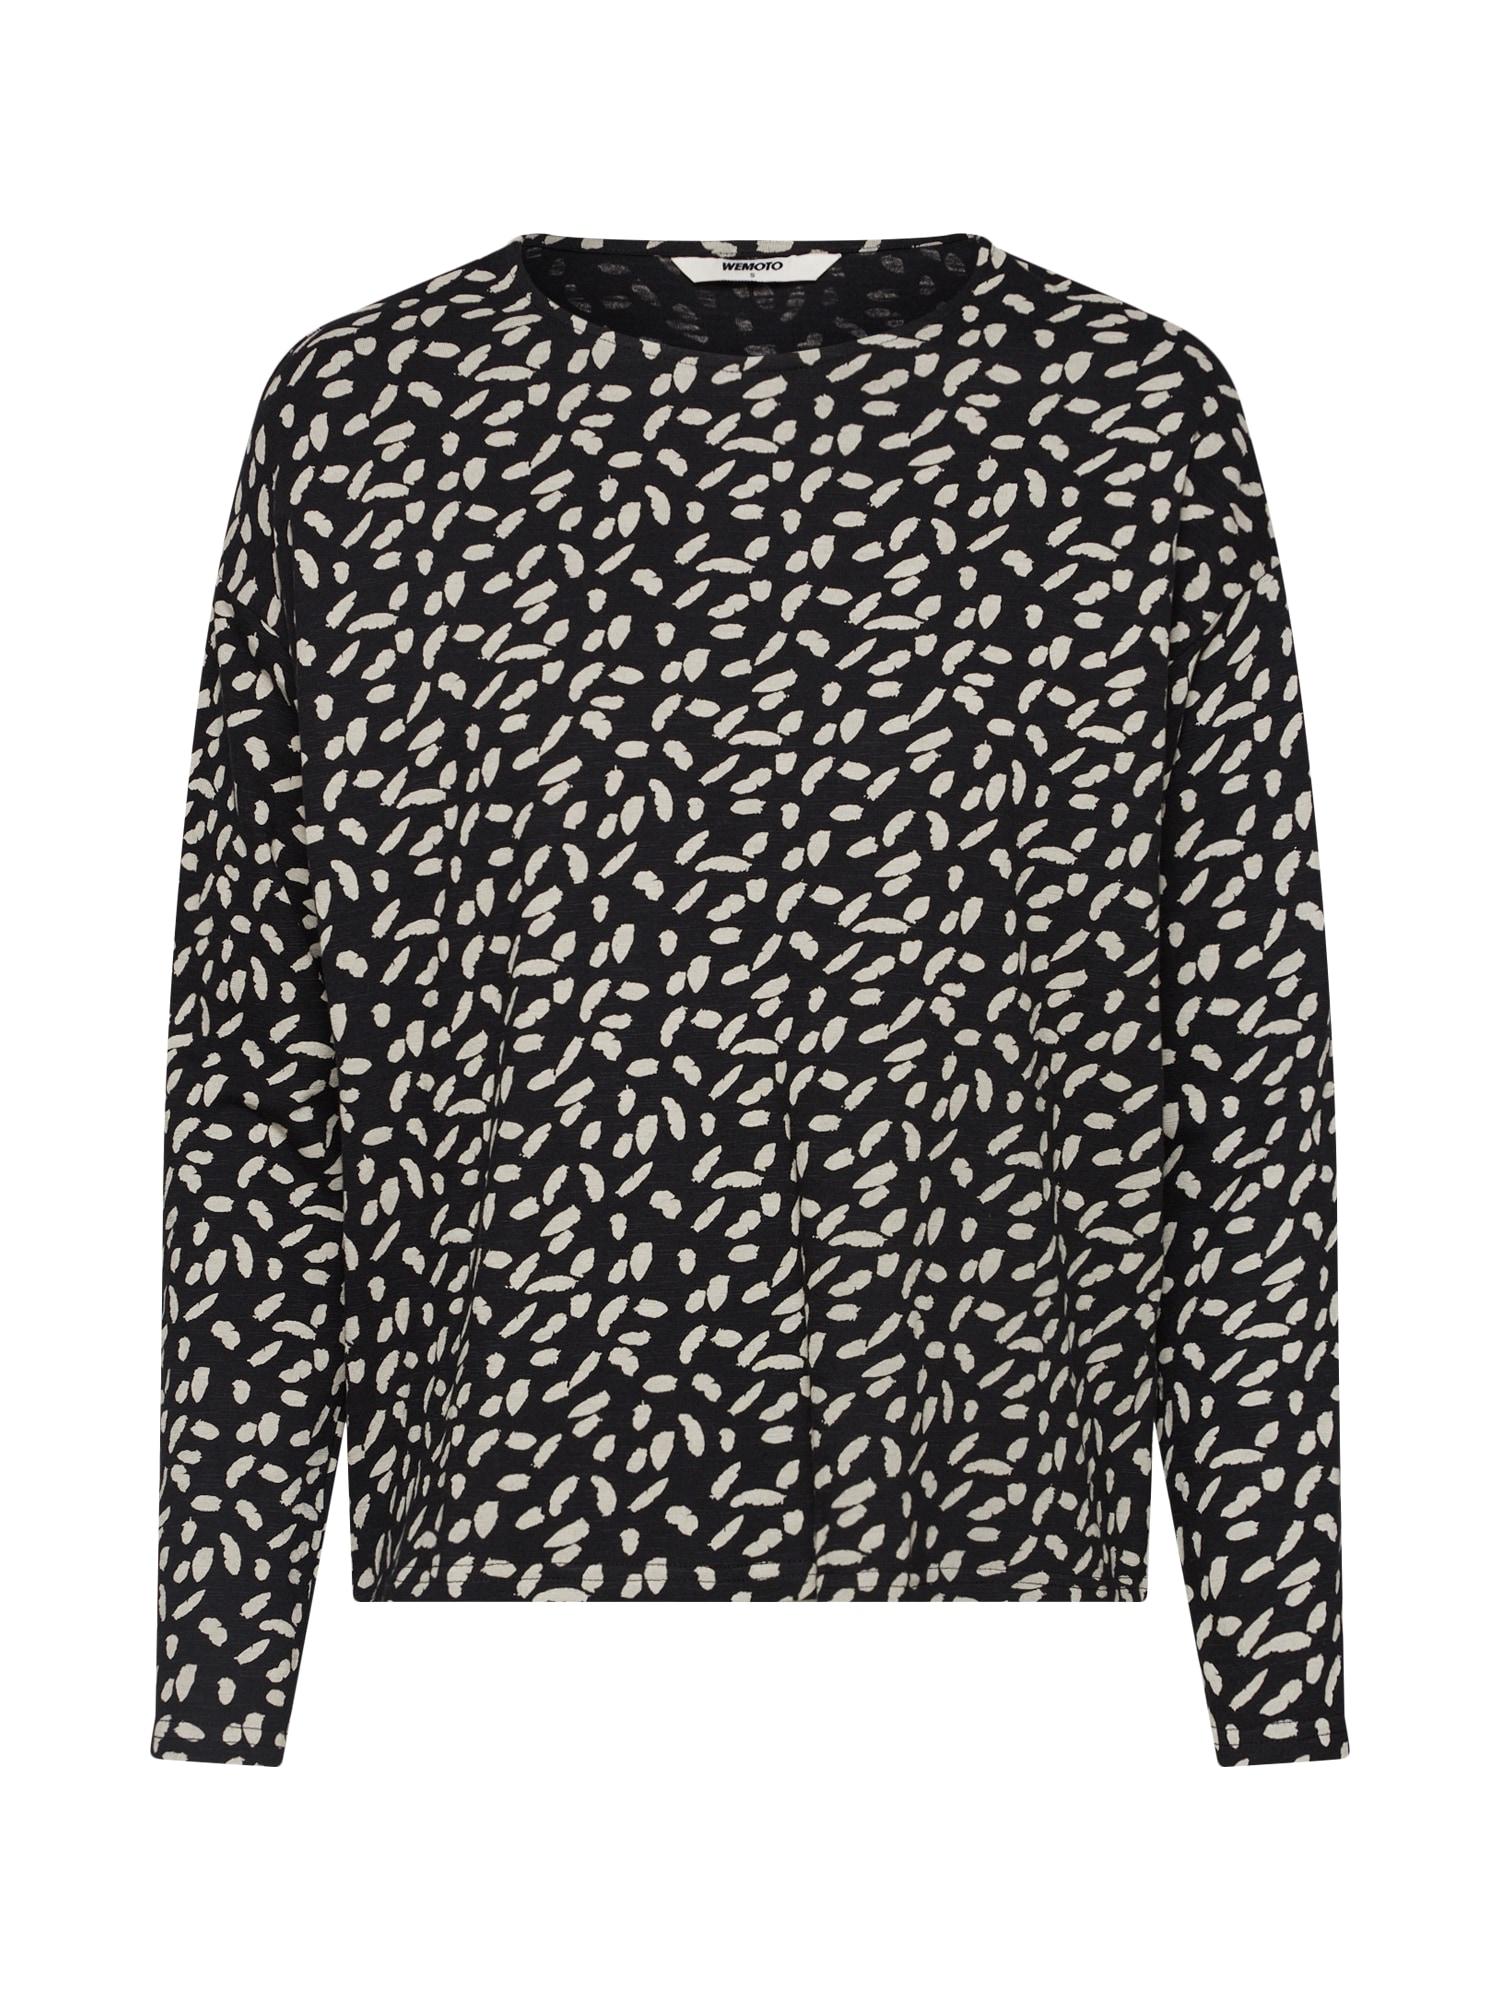 Tričko Driver Printed černá perlově bílá Wemoto